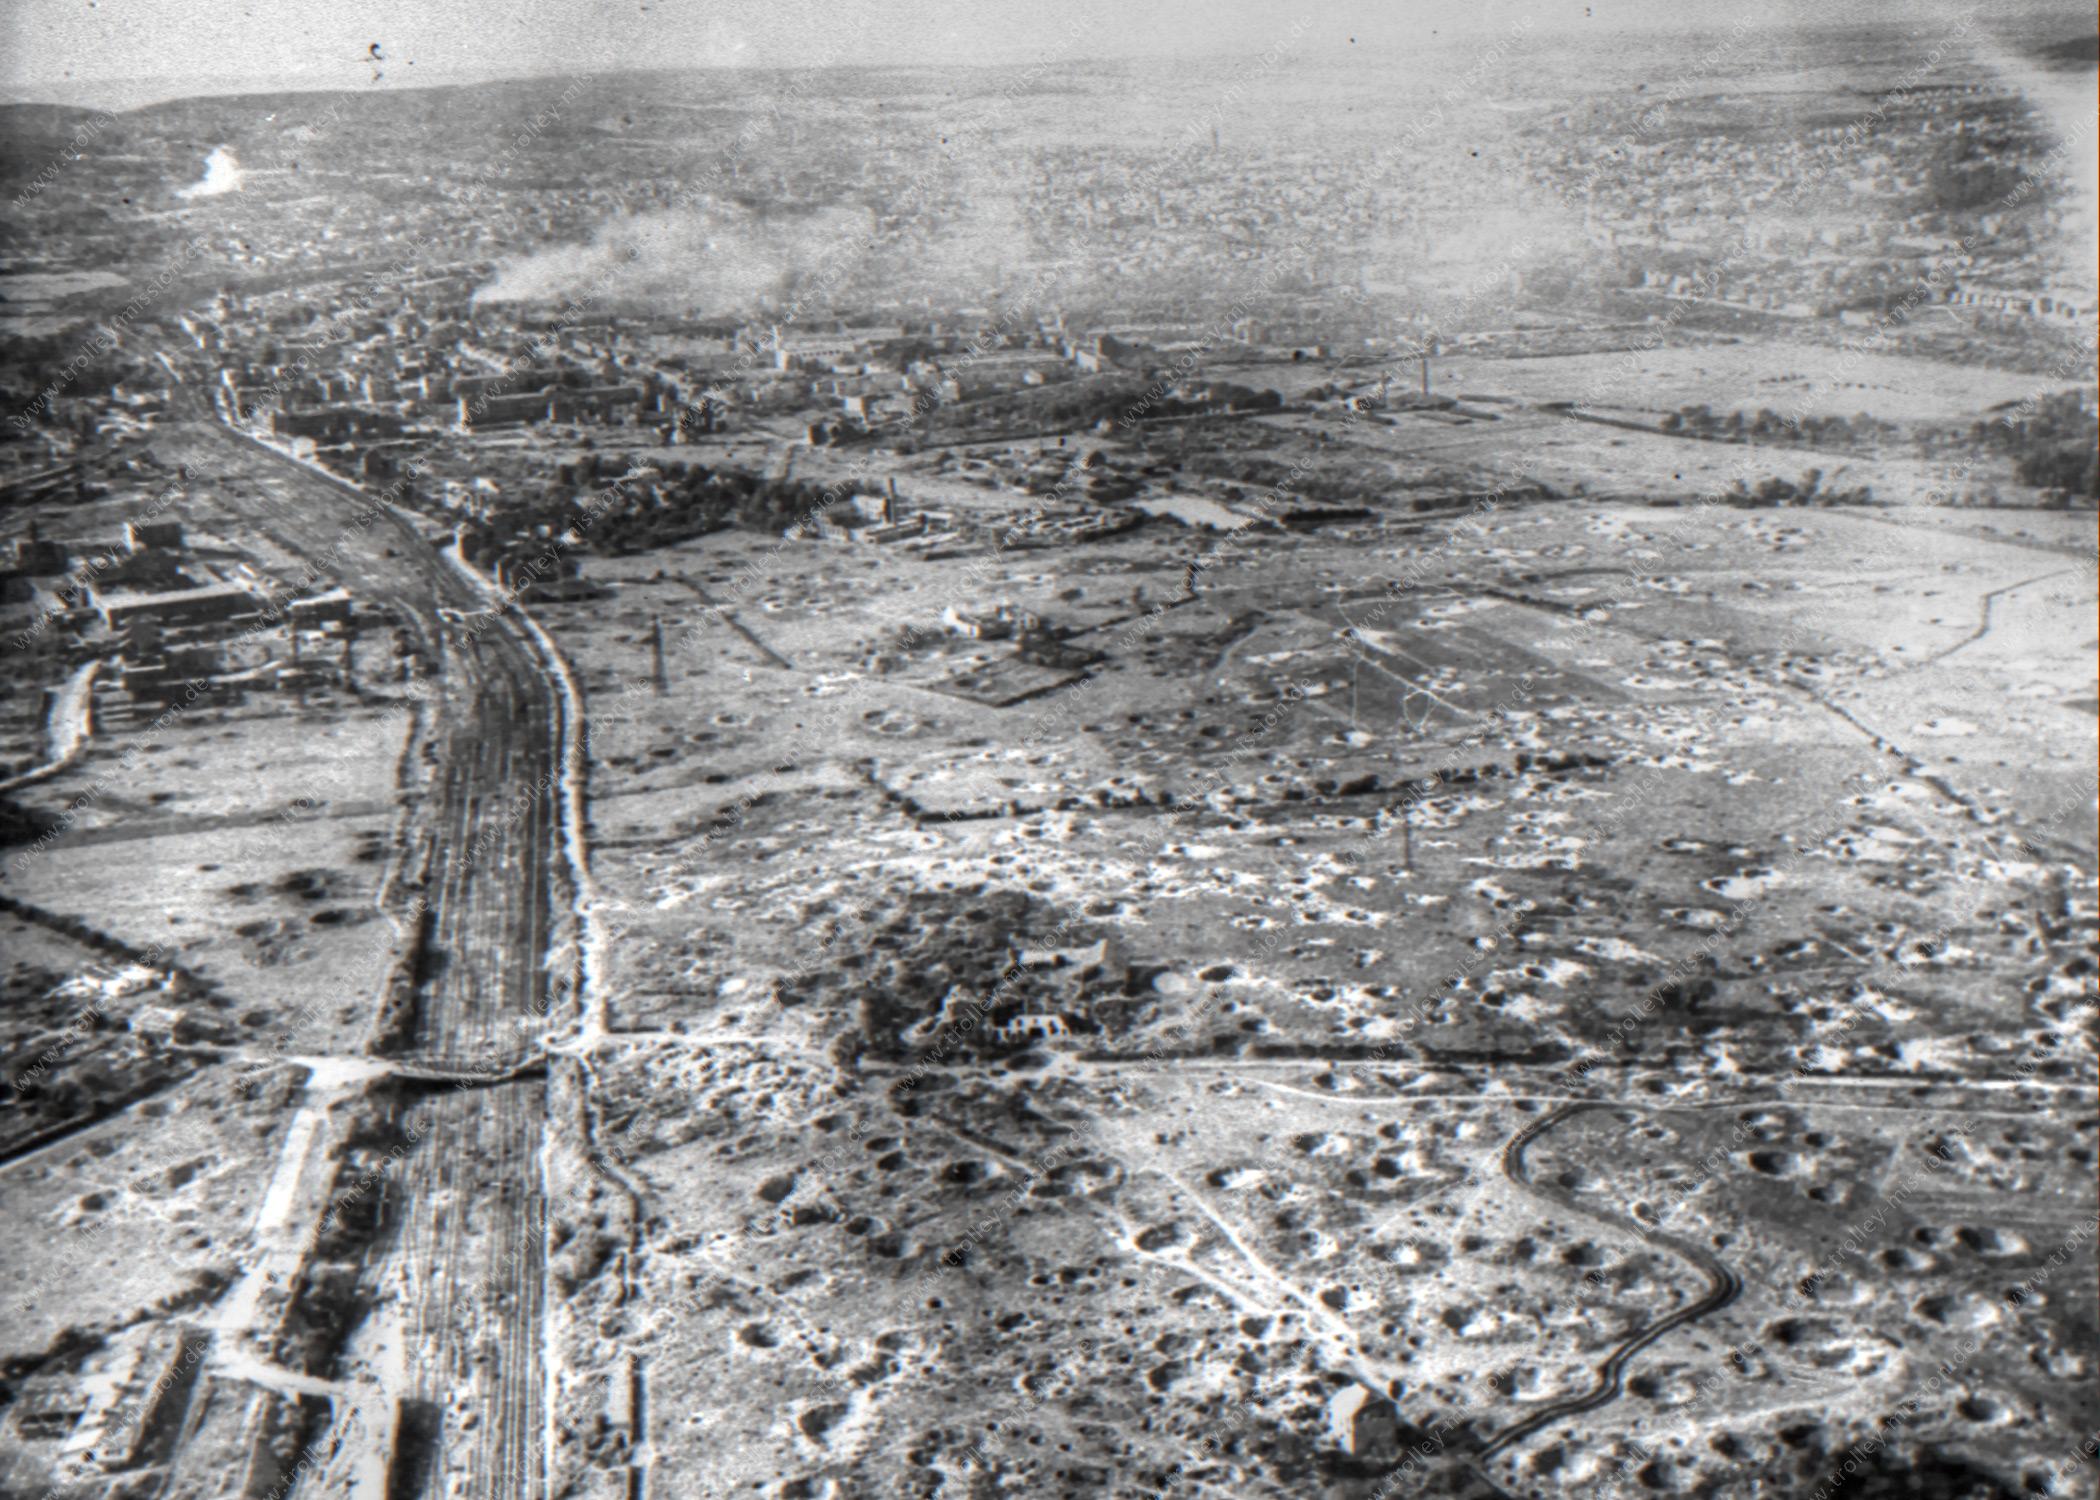 Luftaufnahme von Aachen aus dem Zweiten Weltkrieg - Stadtteil Rothe Erde